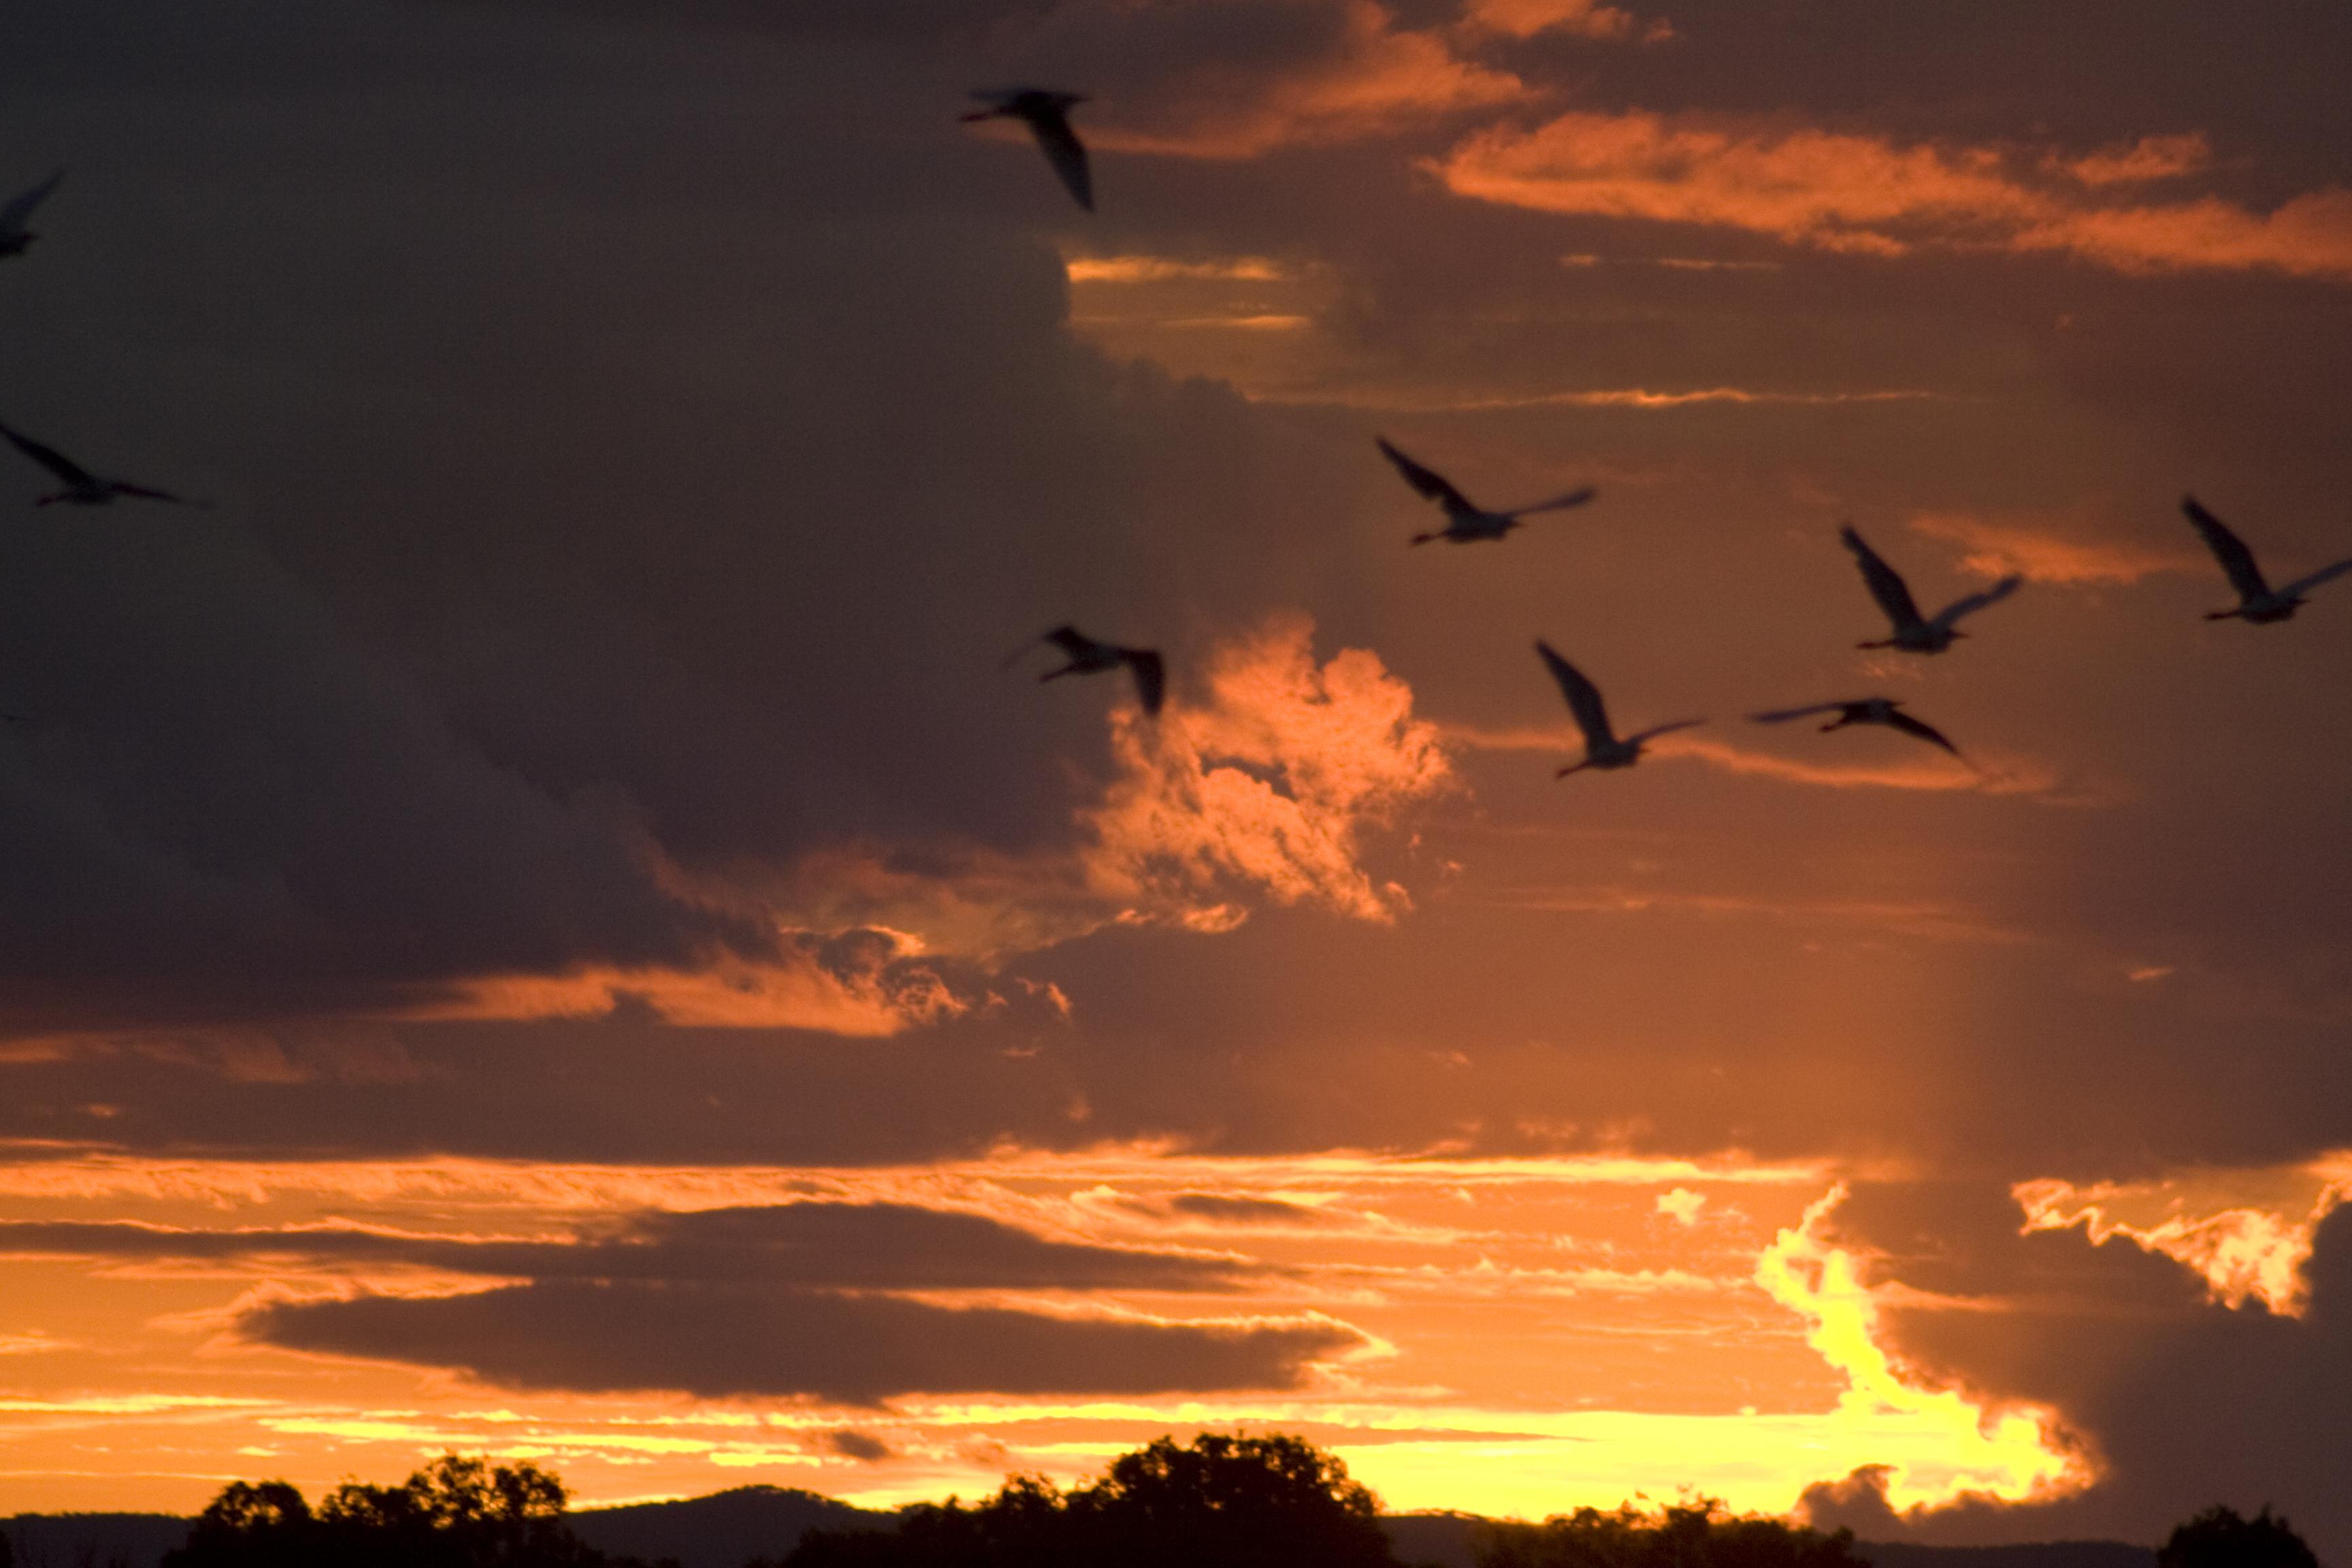 「夕日フリー画像」の画像検索結果